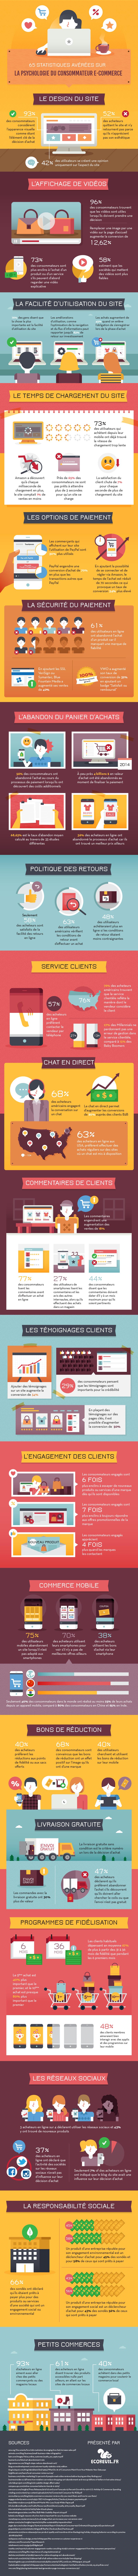 Infographie sur le comportement du consommateur e-commerce